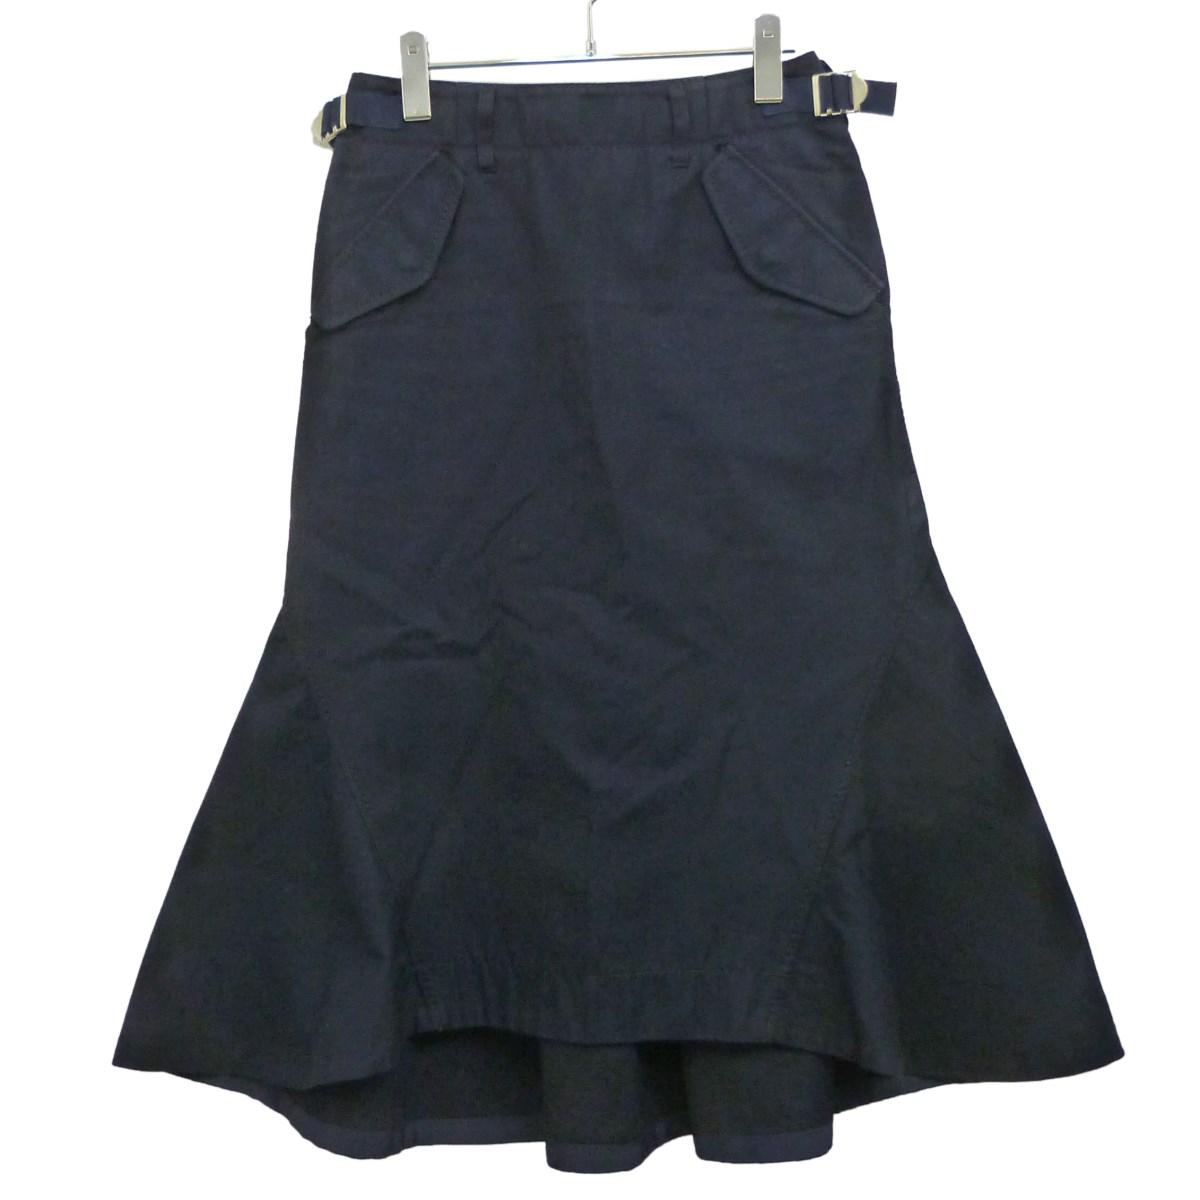 【中古】sacai レイヤードスカート ネイビー サイズ:1 【030320】(サカイ)